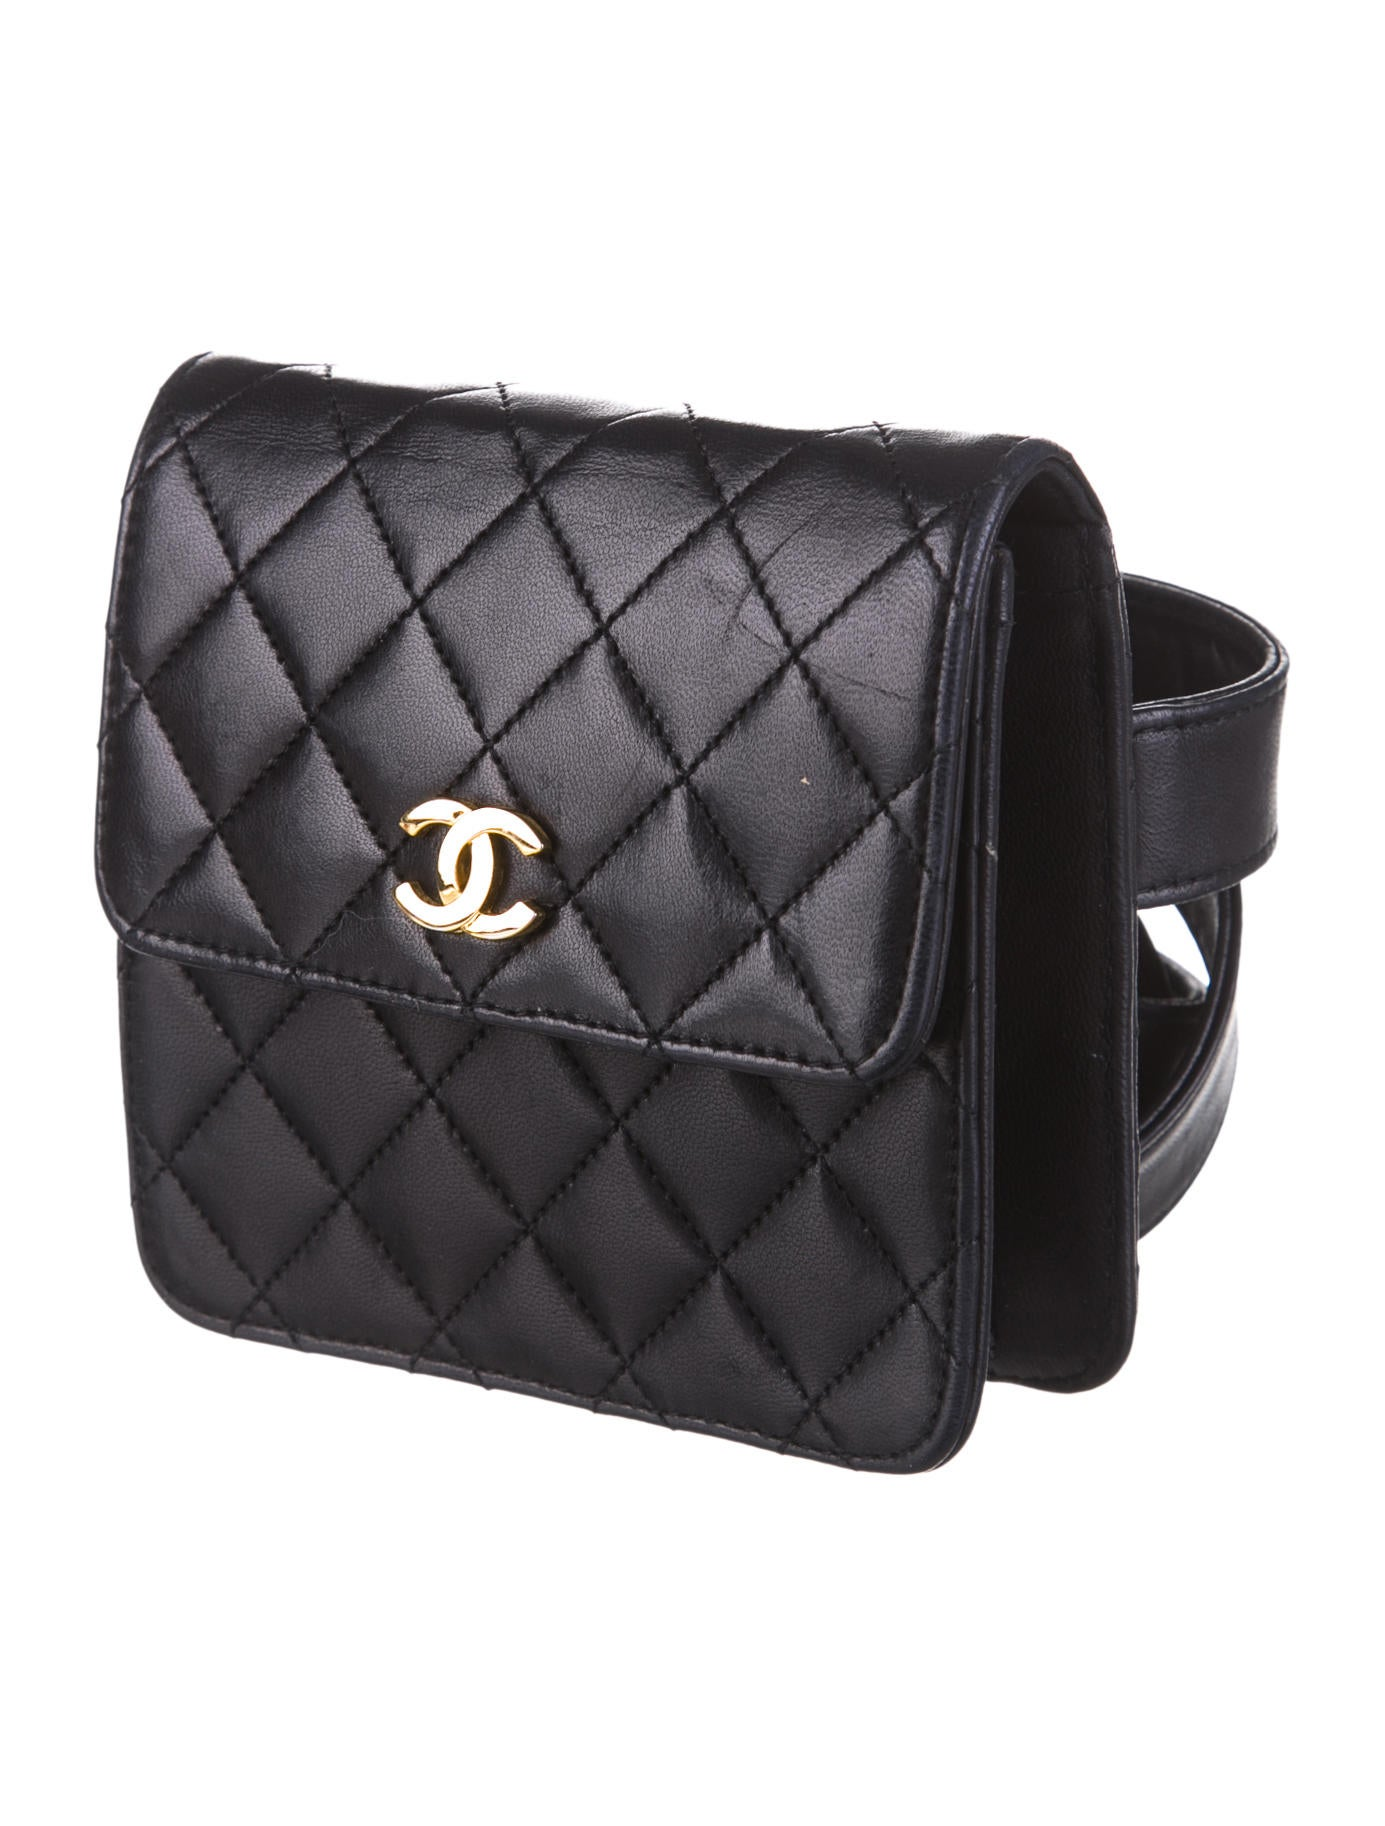 Chanel Vintage Belt Bag - Handbags